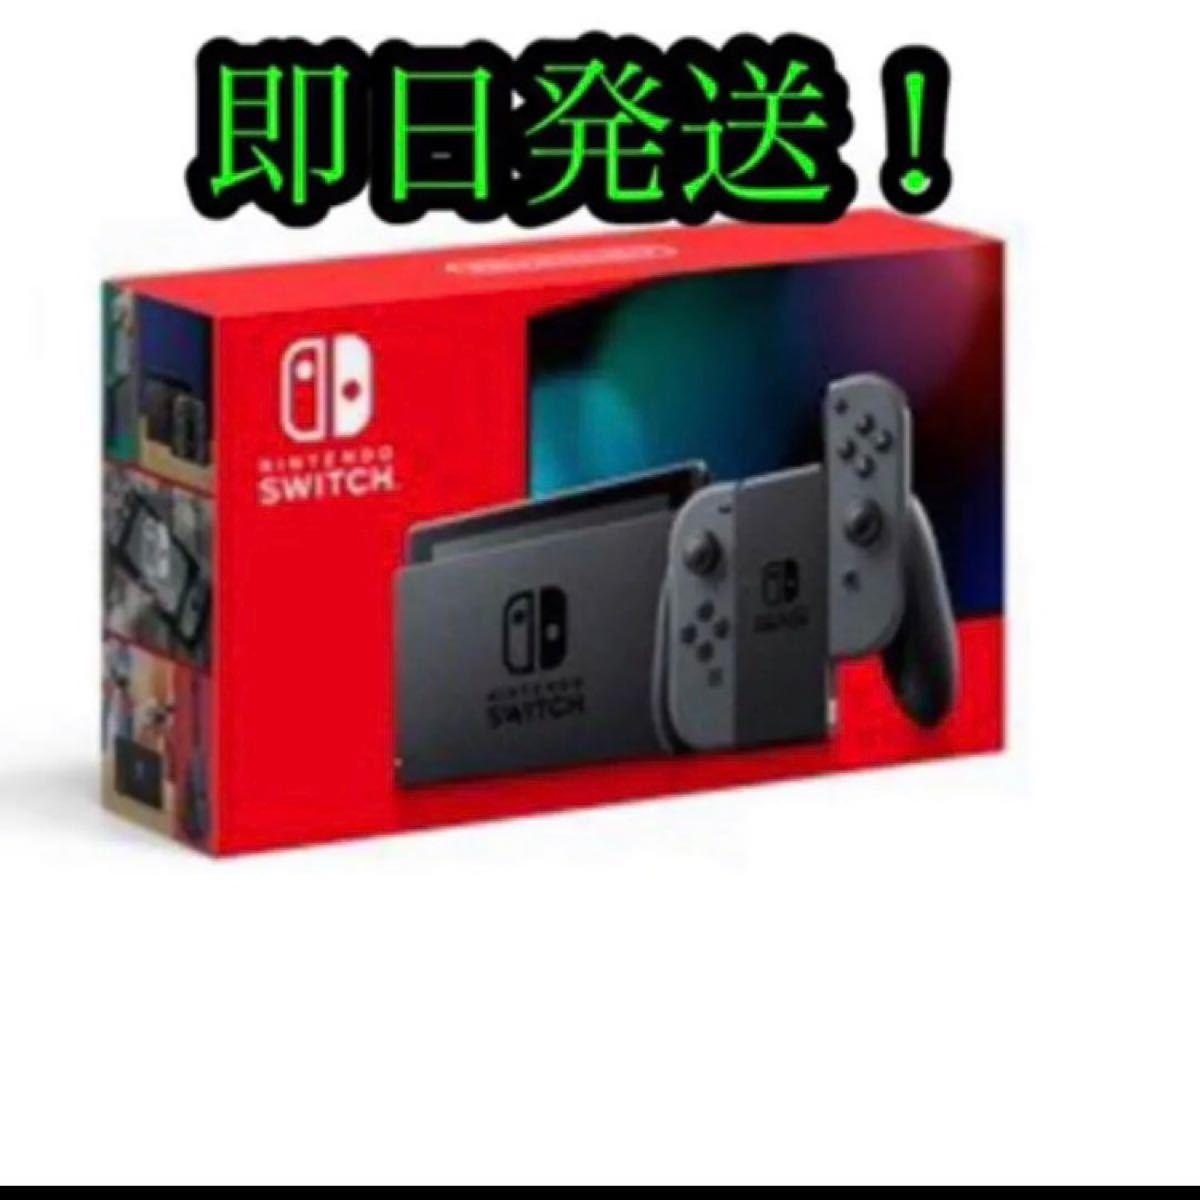 Nintendo Switch JOY-CONグレー